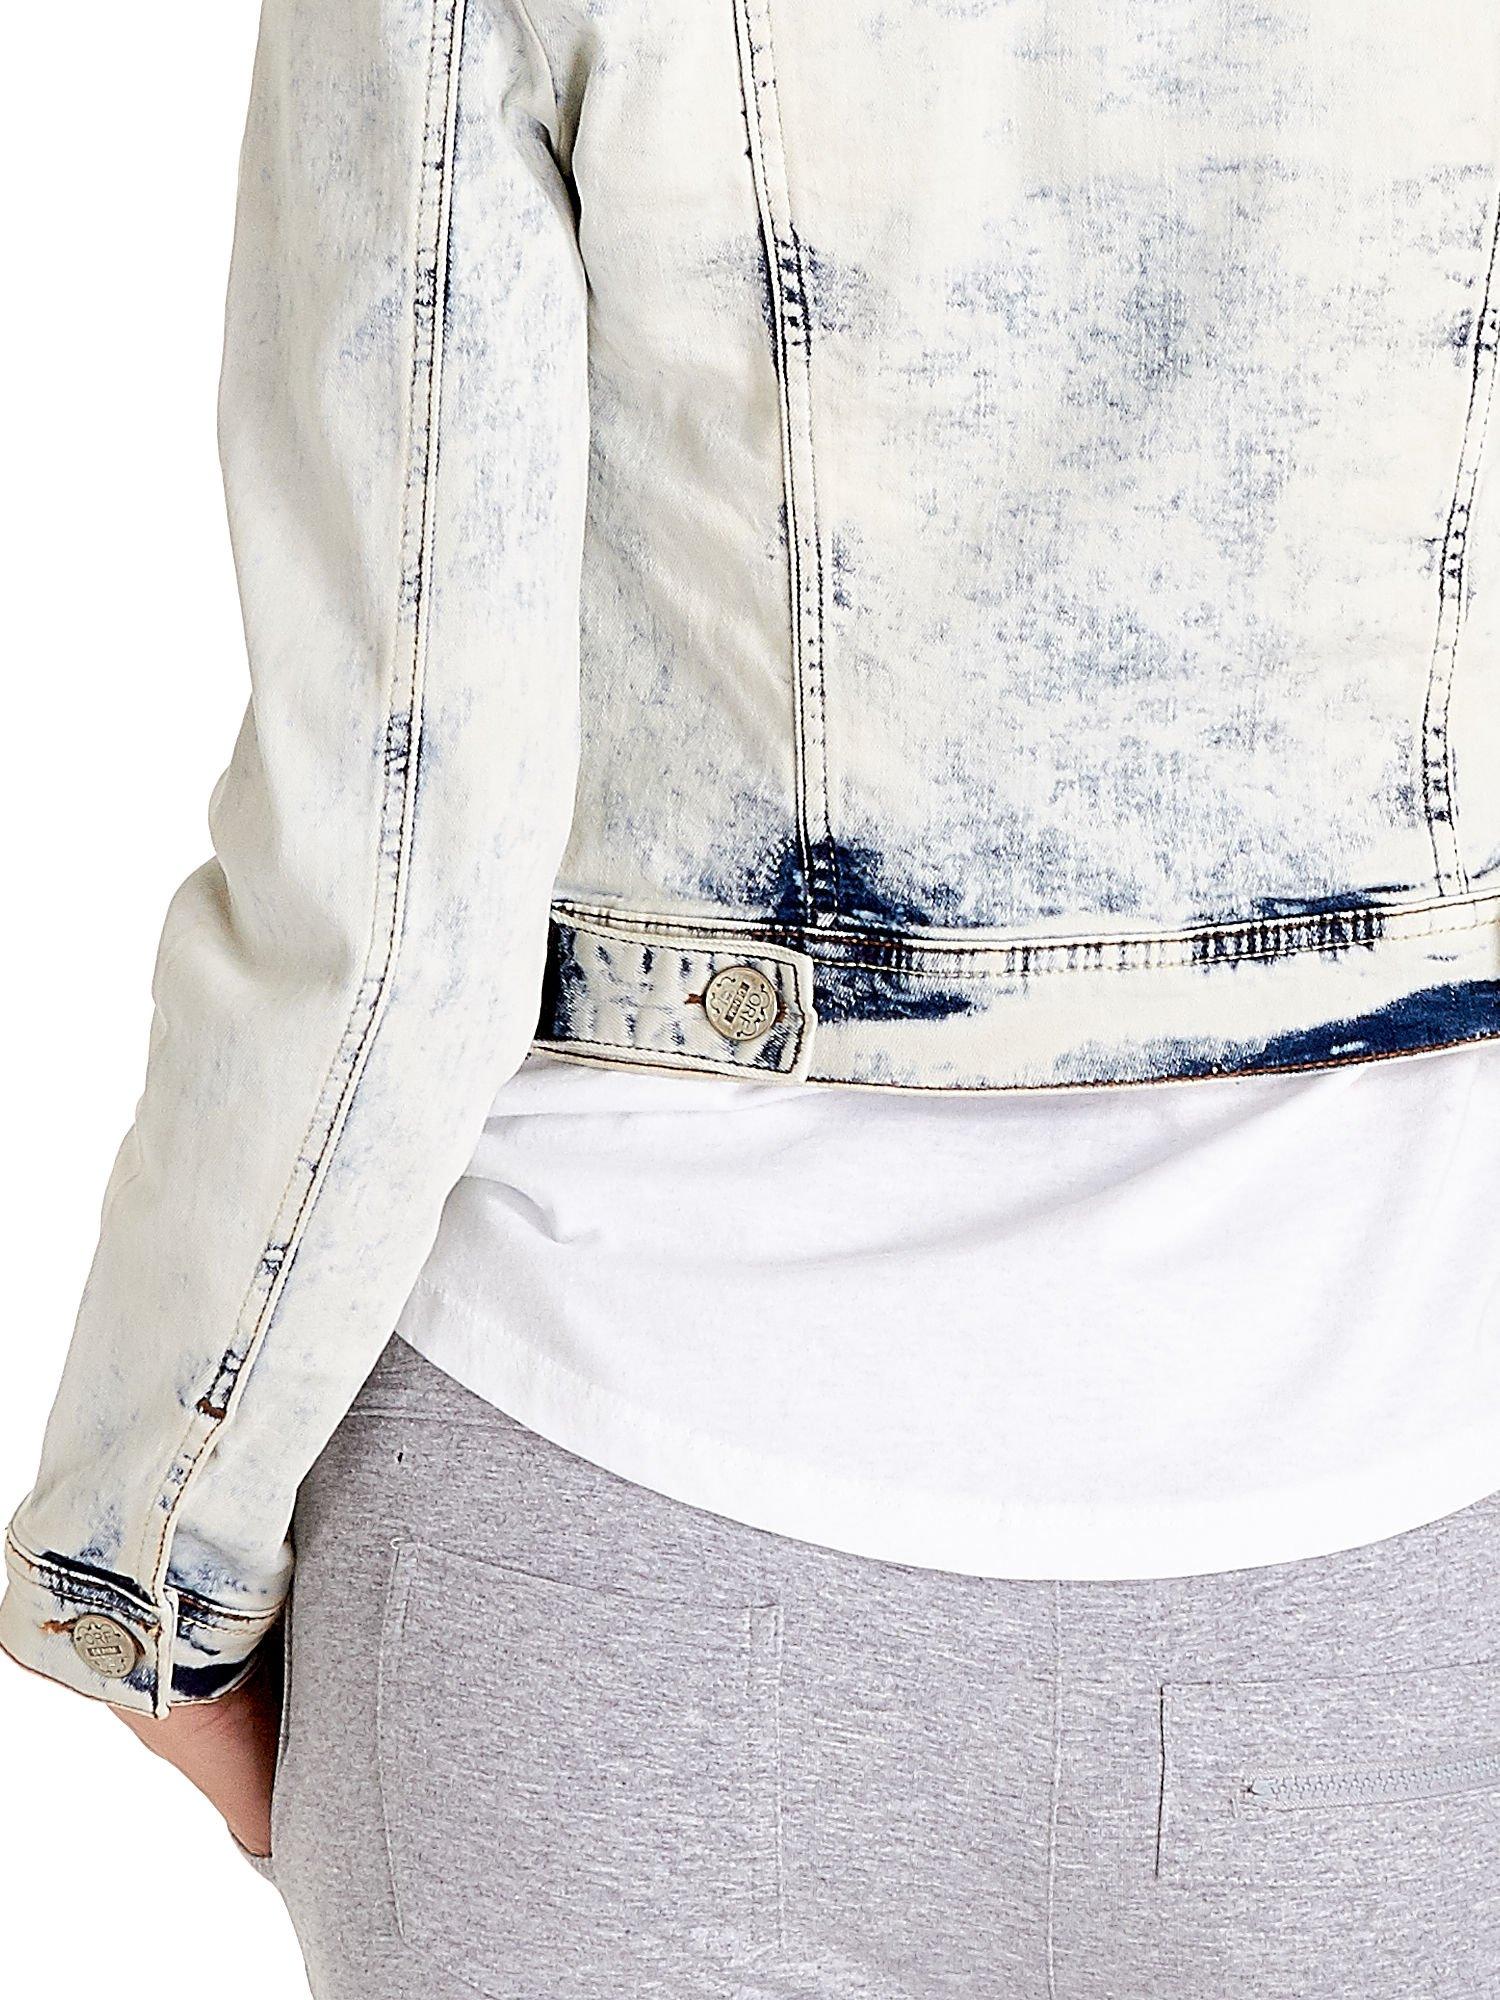 Jasnoniebieska kurtka jeansowa damska marmurkowa z kieszeniami                                  zdj.                                  7